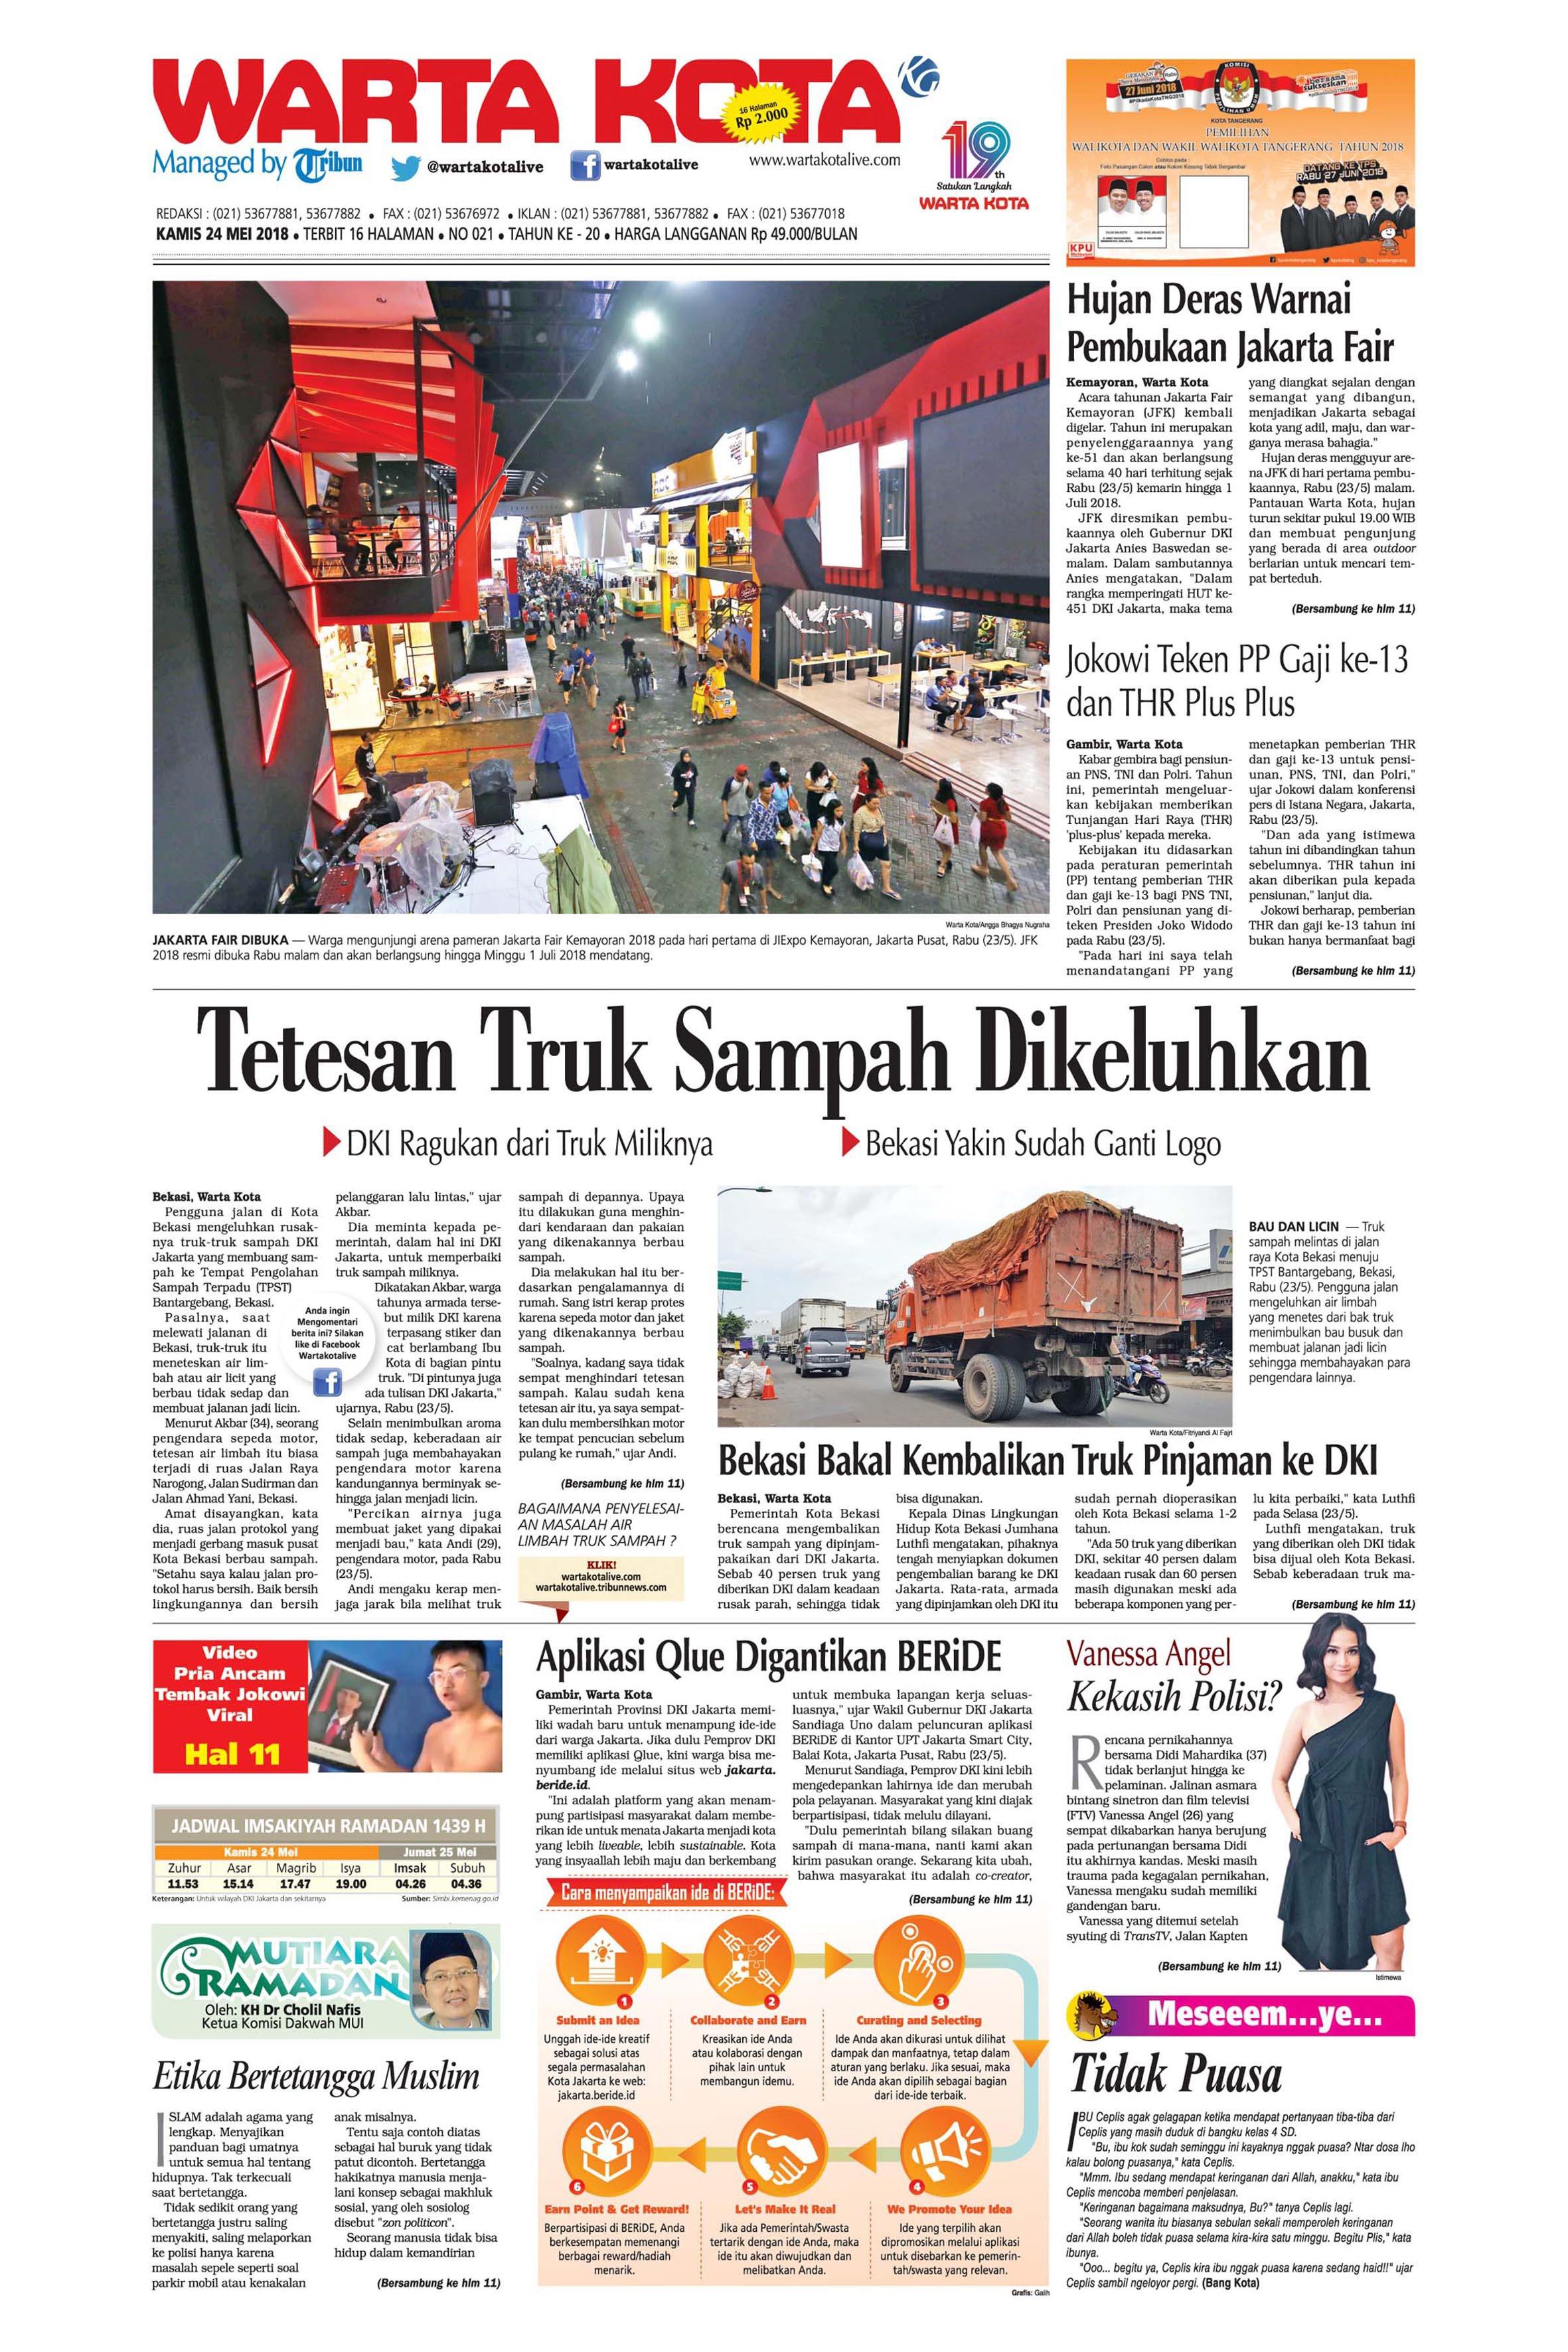 Warta Kota Newspaper 24 May 2018 Gramedia Digital